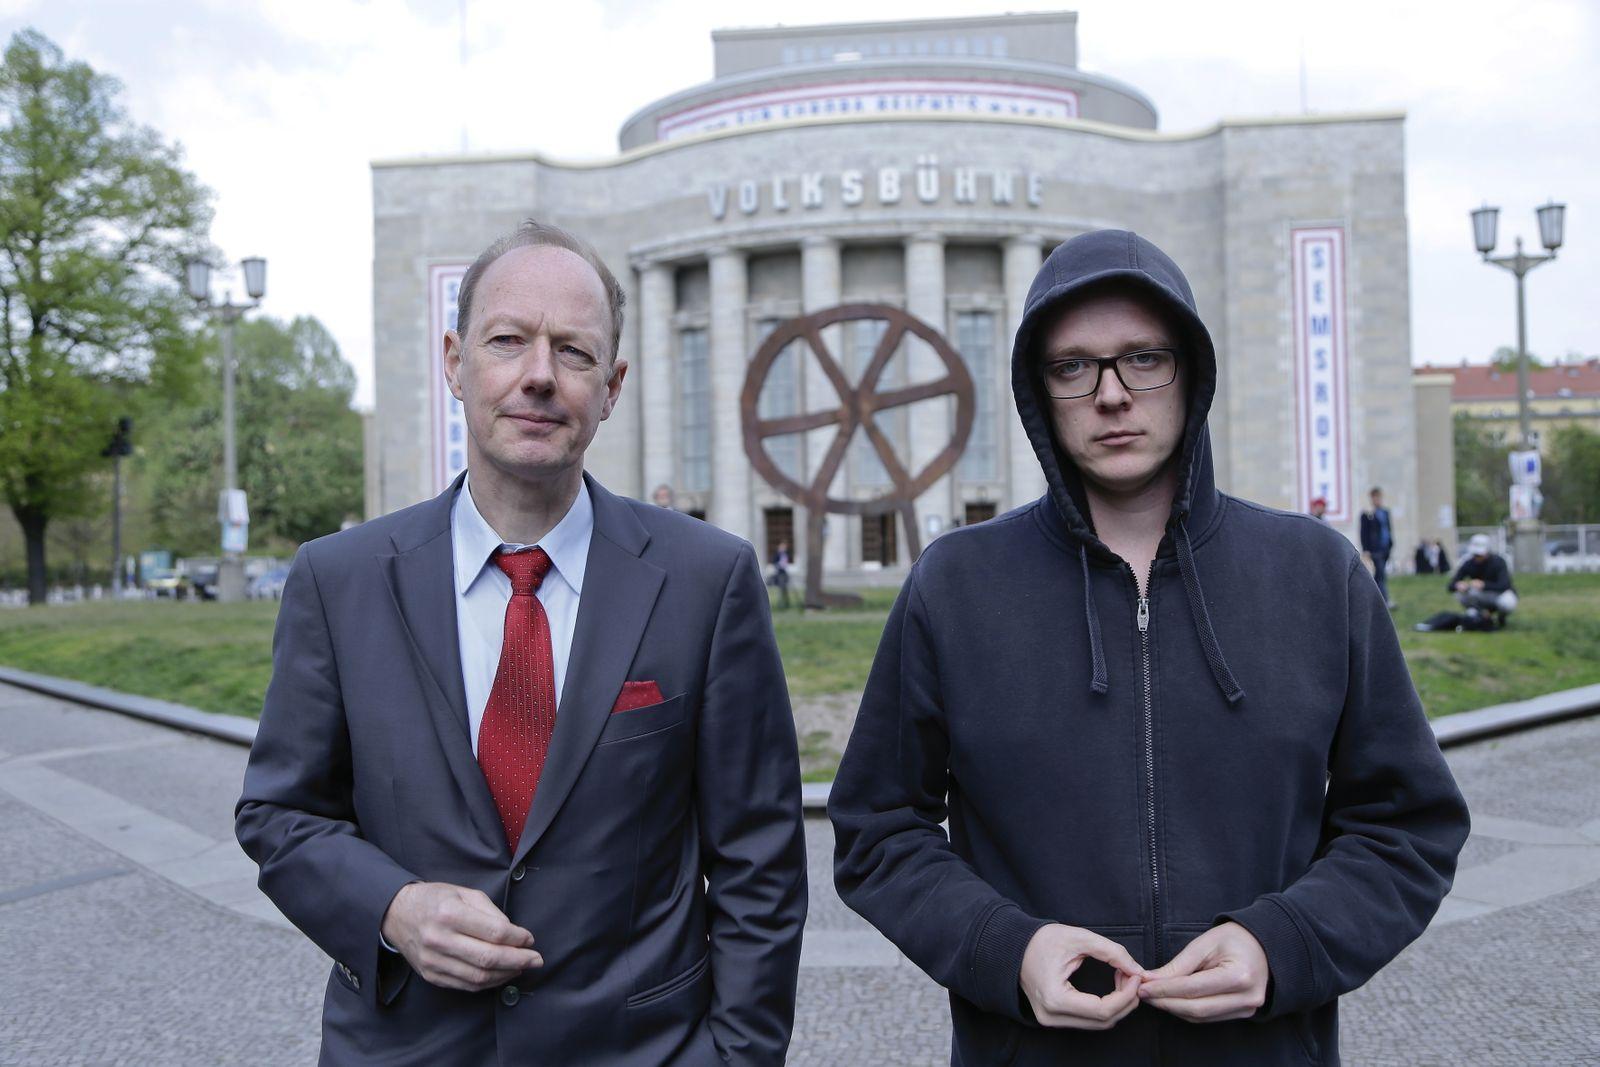 Europawahl 2019: DIE PARTEI